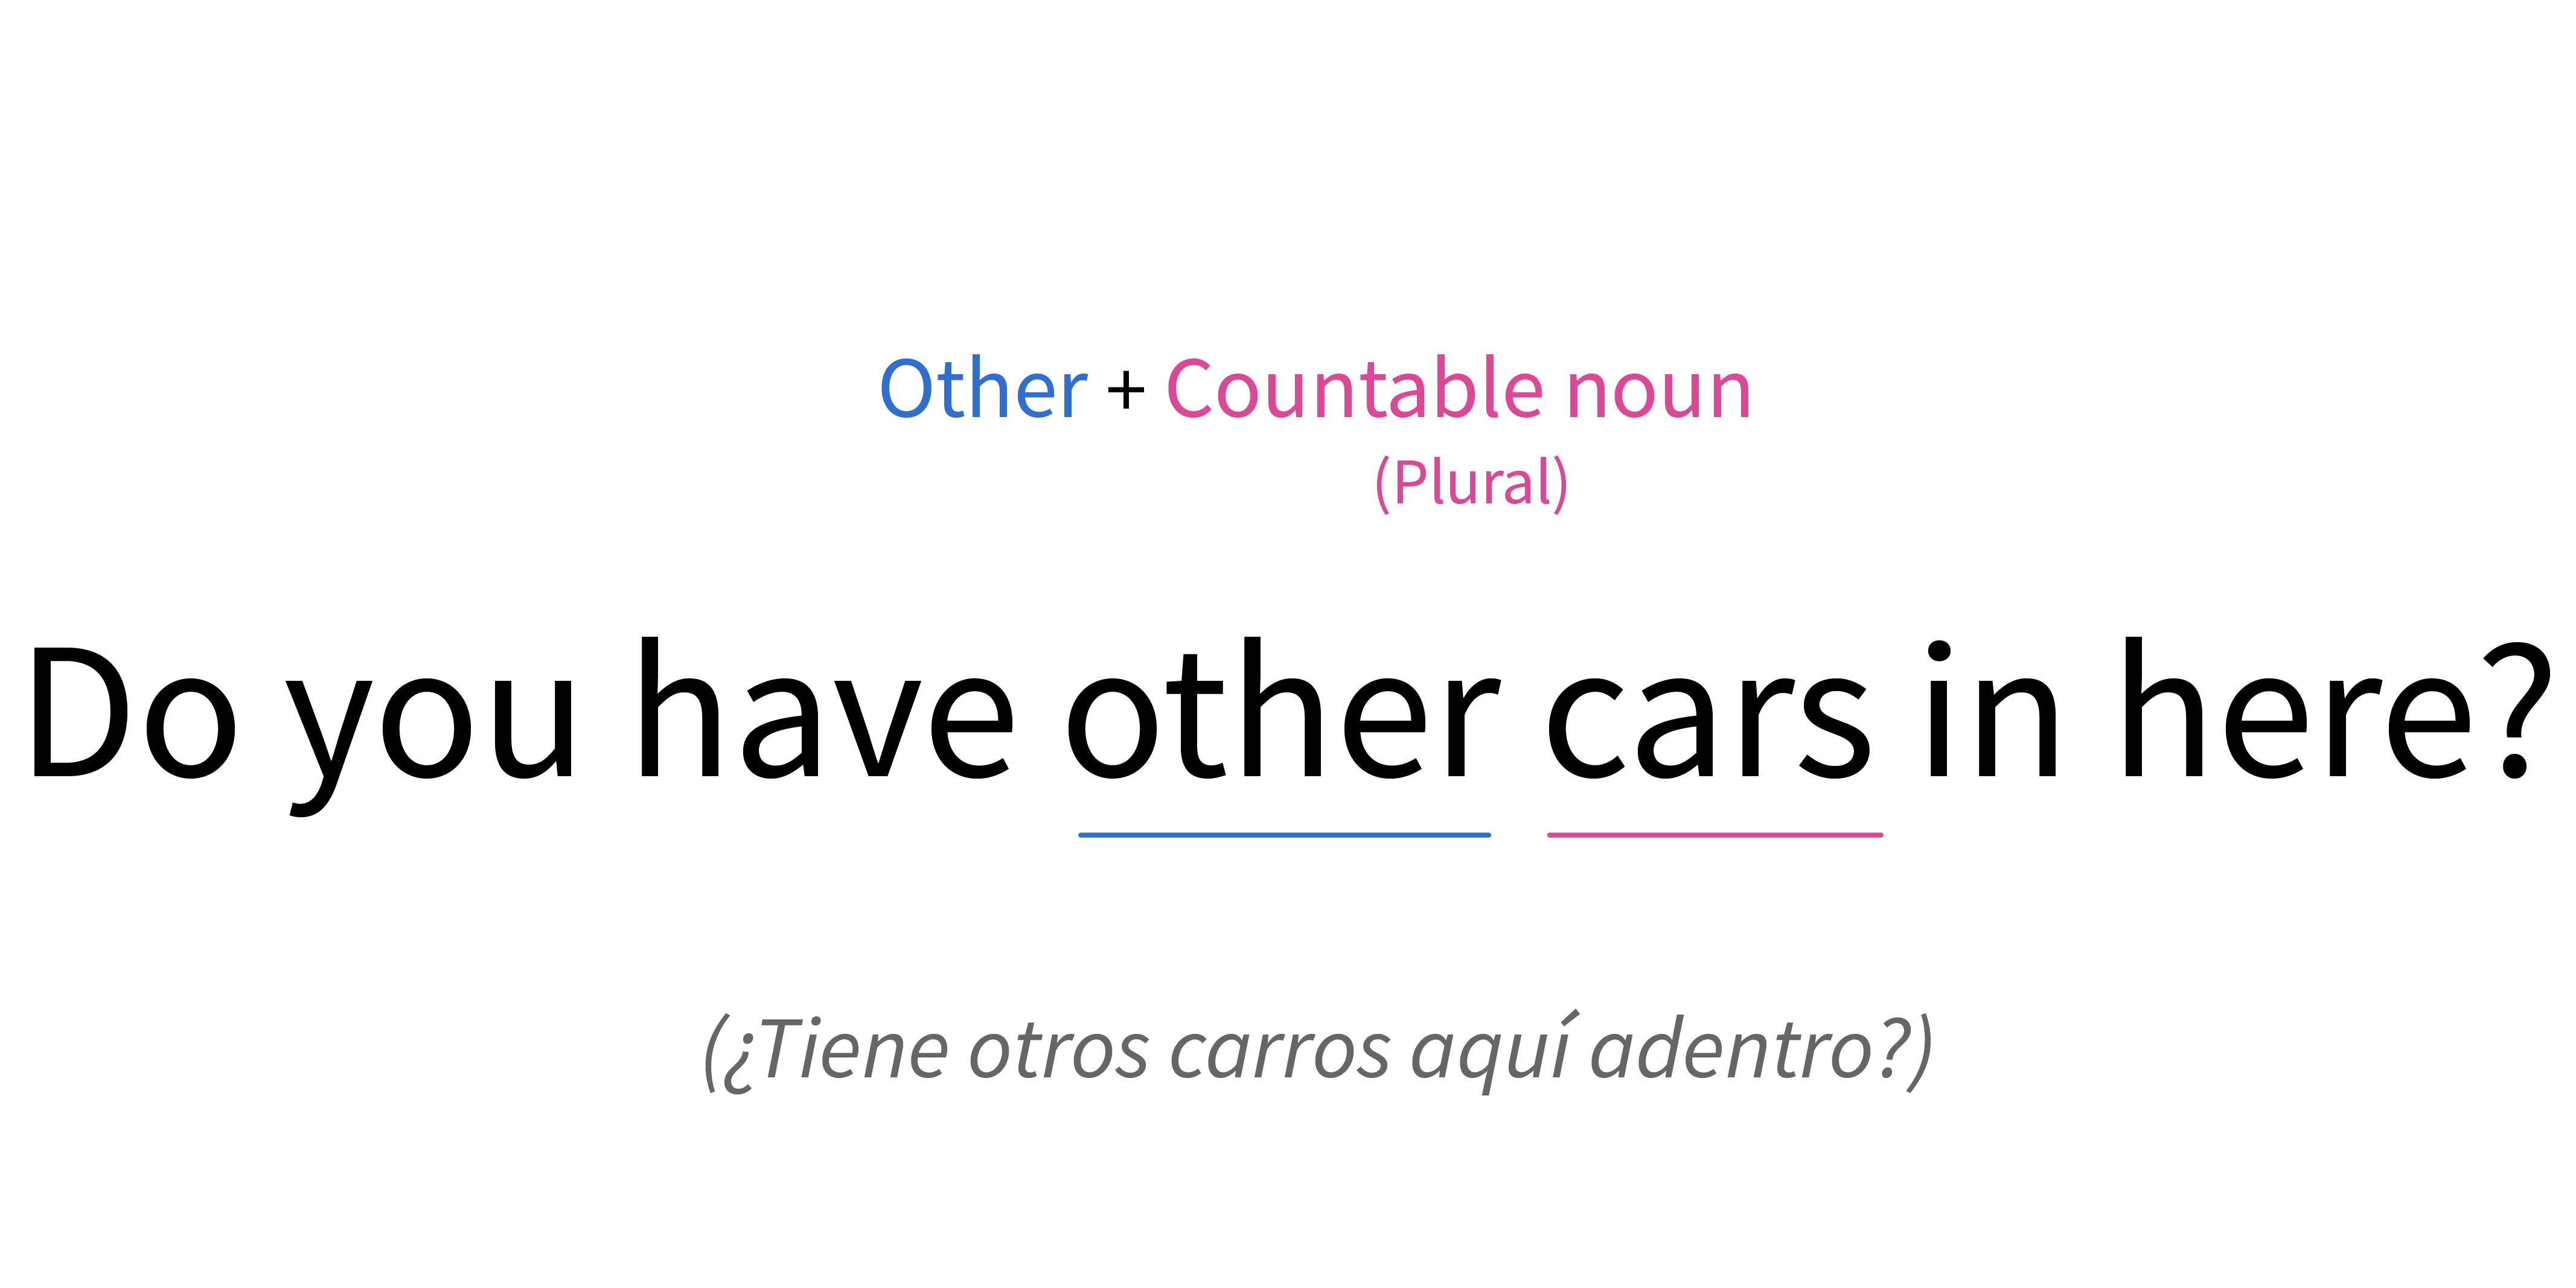 Ubicación de other en una oración con un sustantivo plural contable.